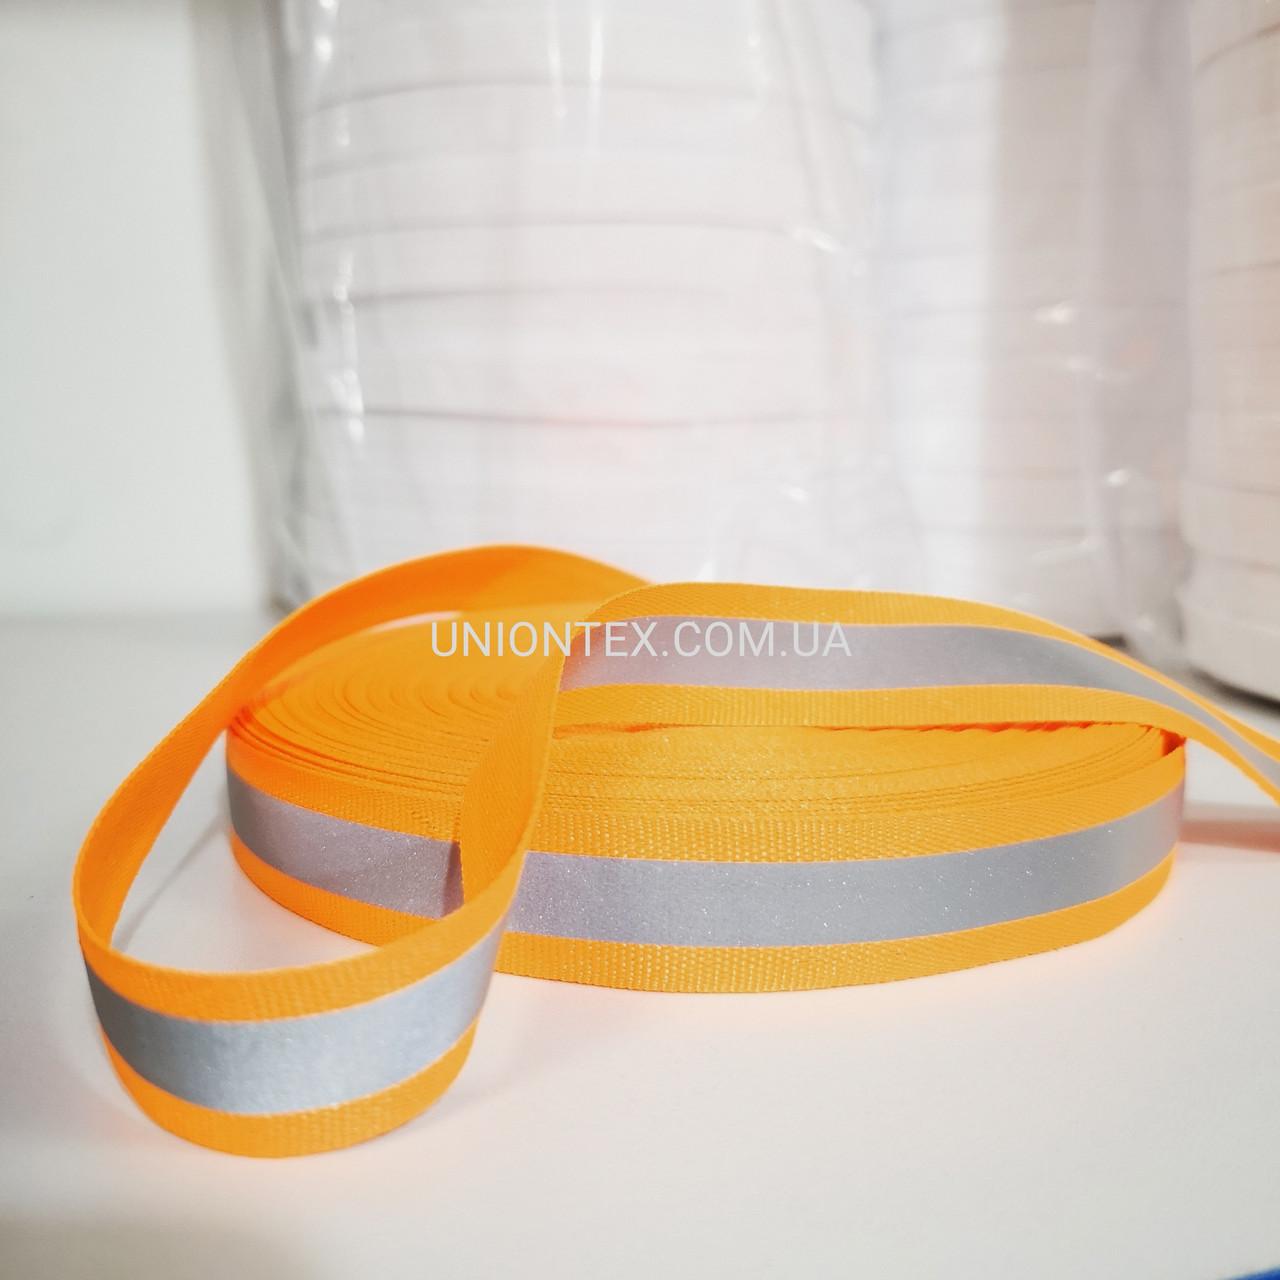 Тесьма светоотражающая оранжевая 2 см